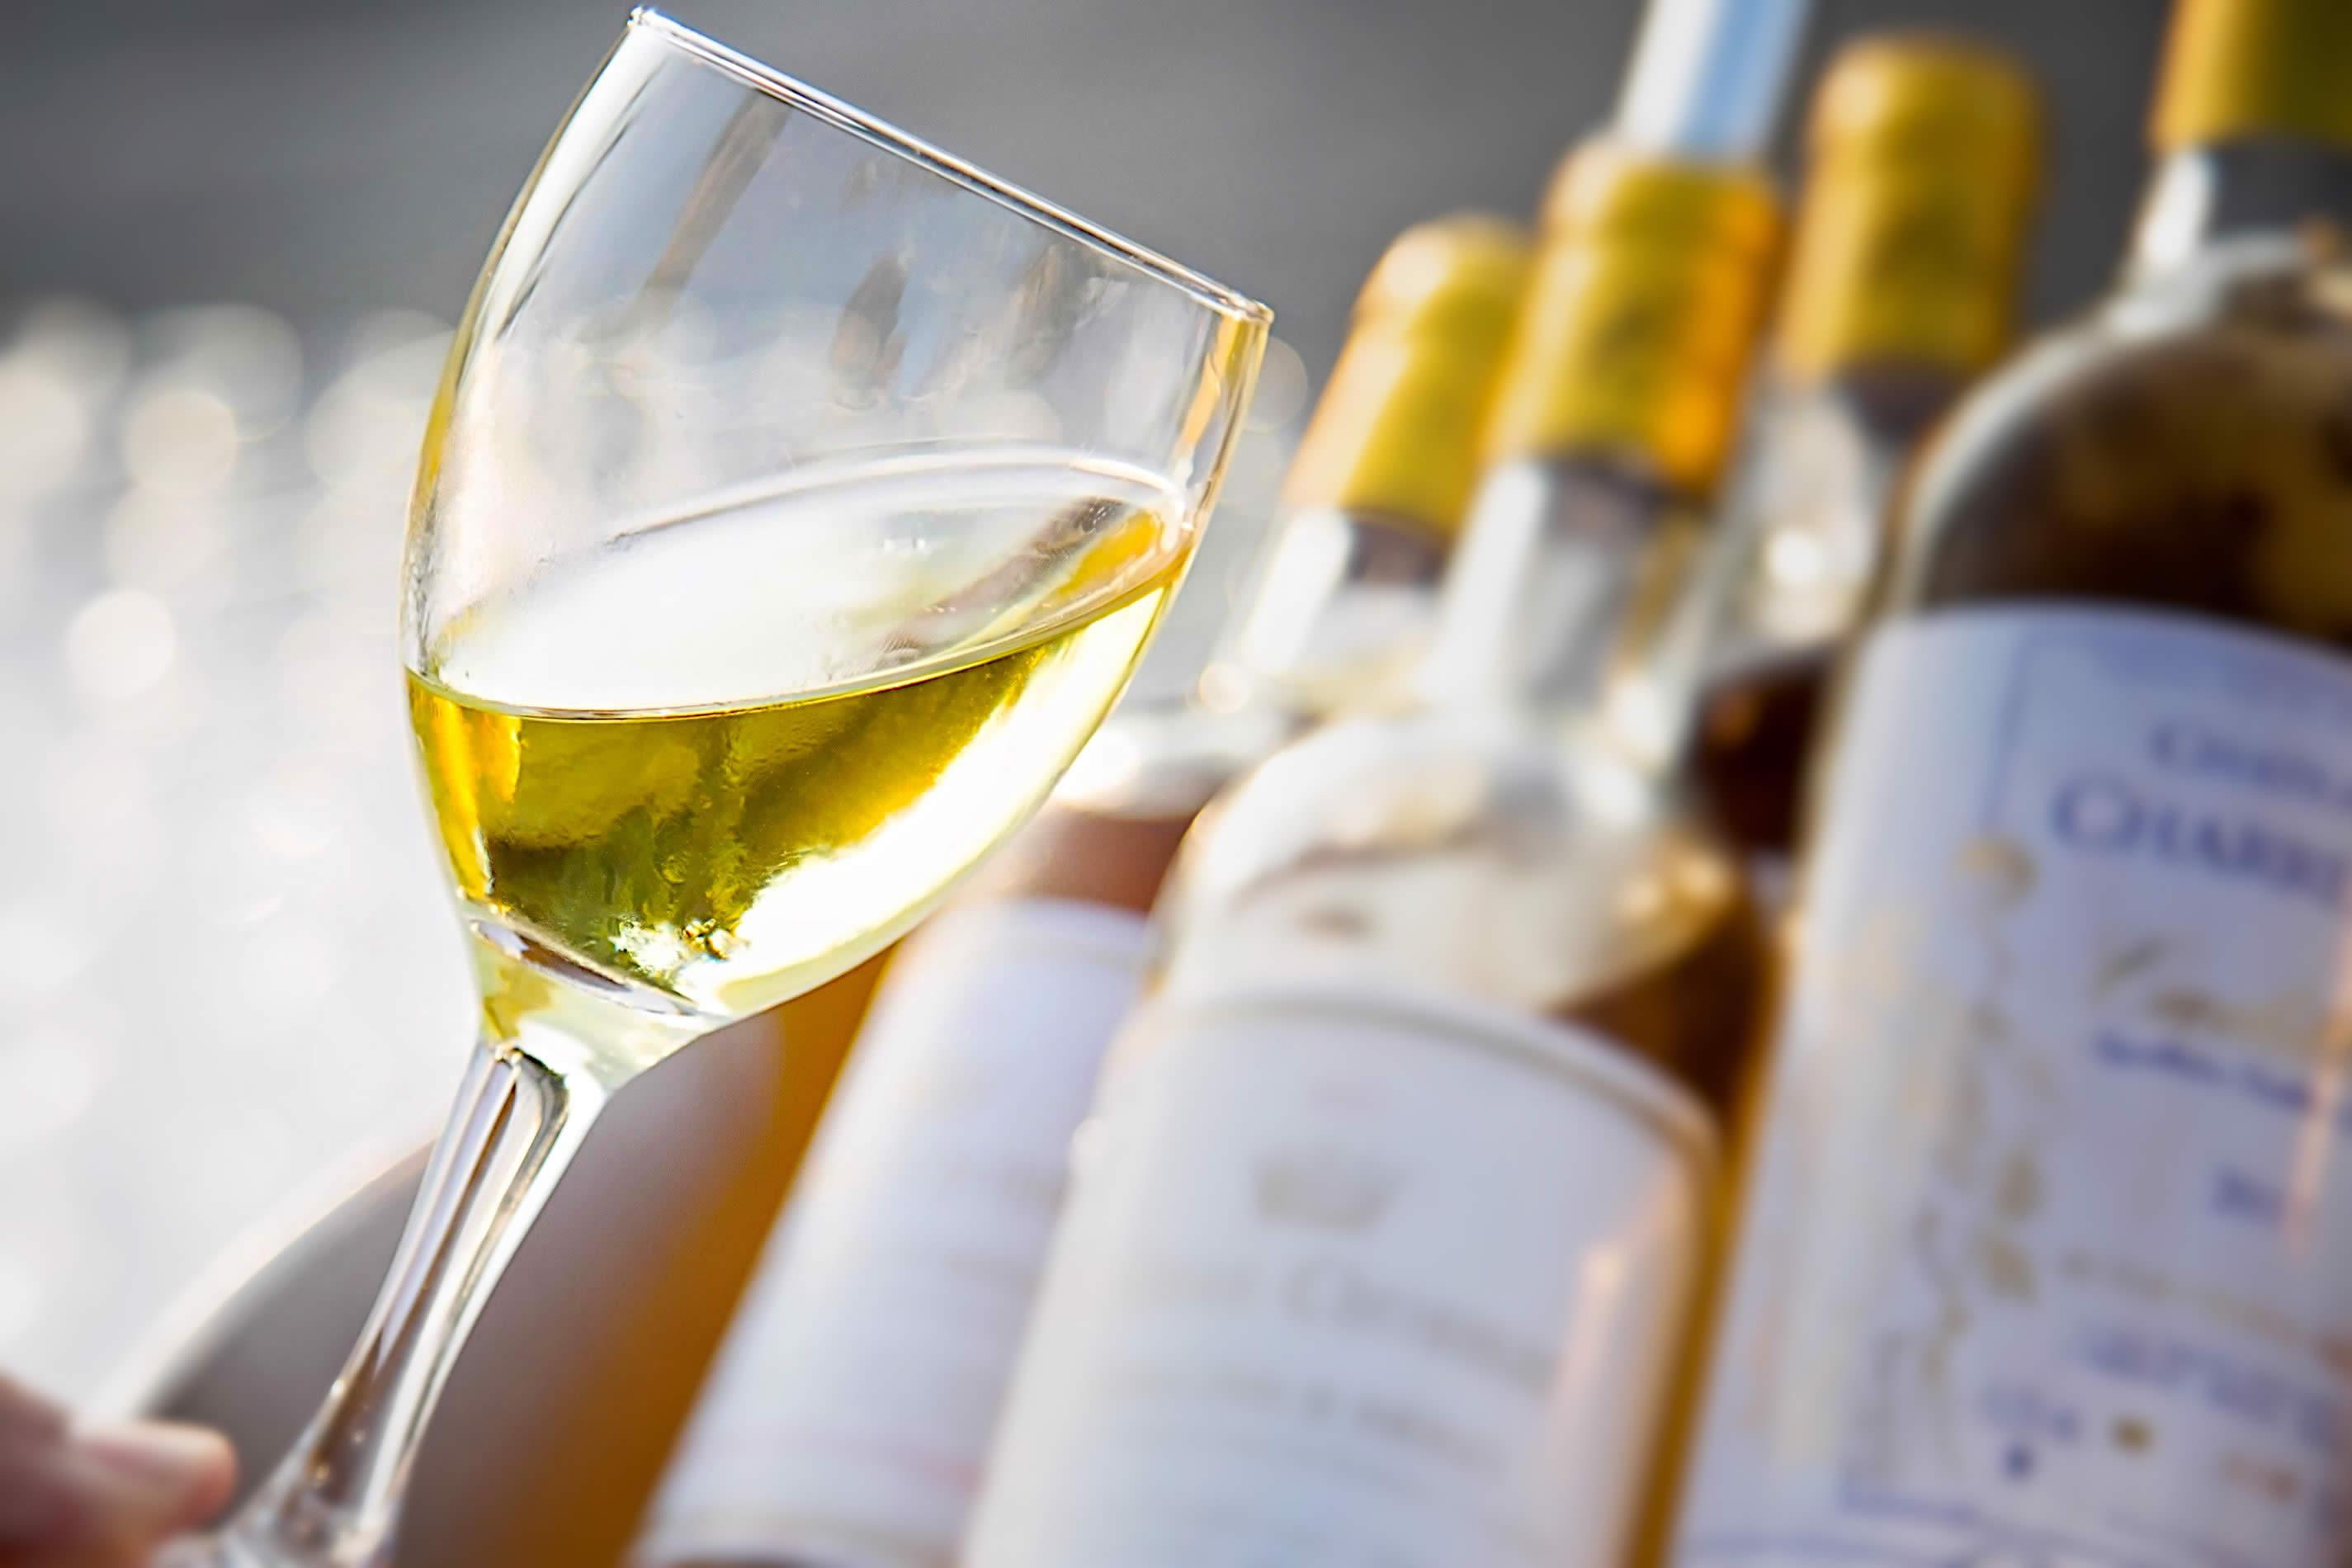 Les premières Côtes de Bordeaux